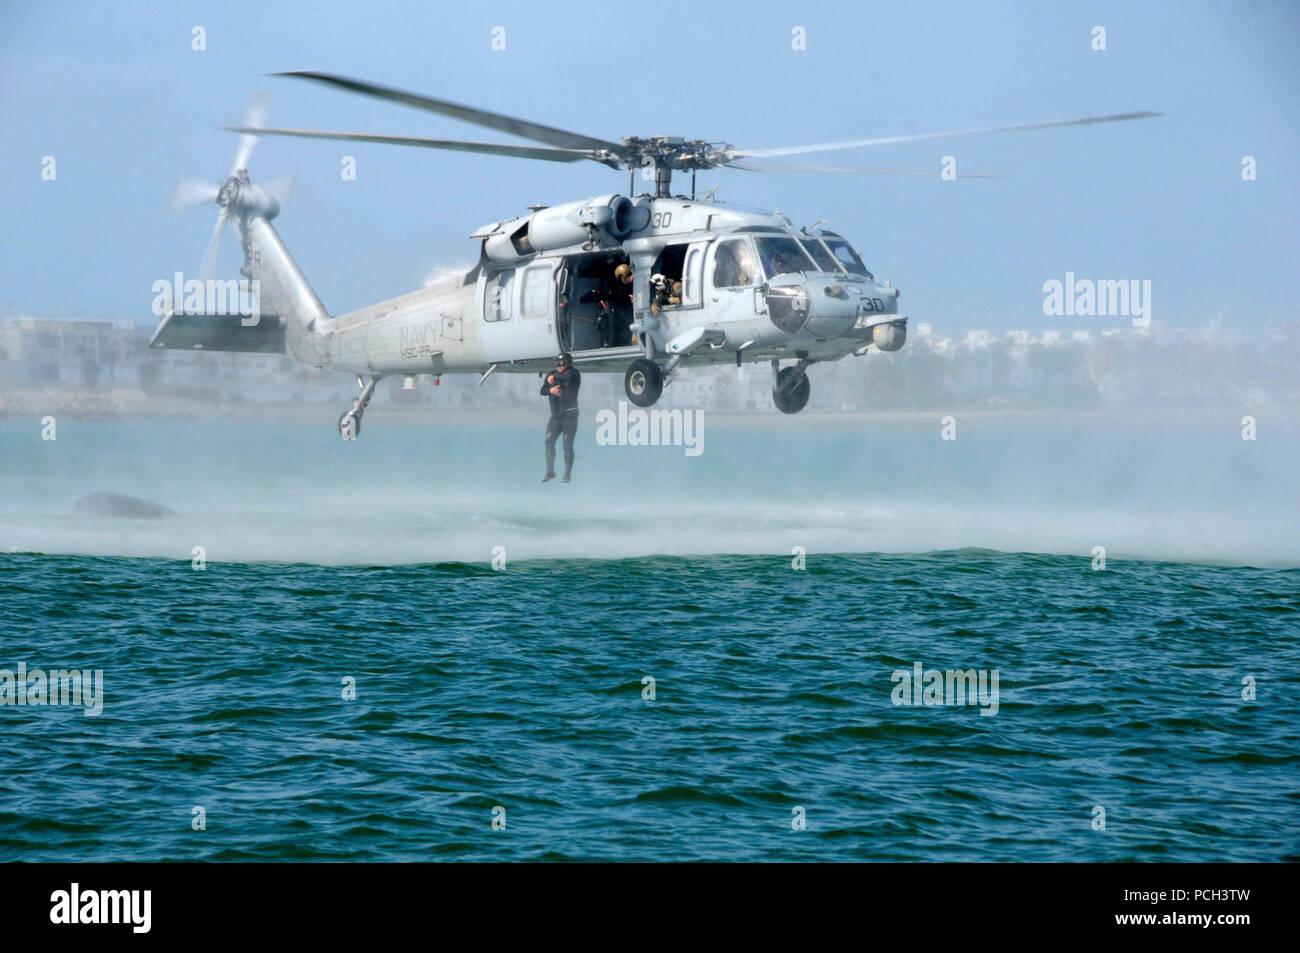 La estación naval de Rota, España (5 de marzo de 2015), un marino español expulsa de la Marina SH-60 Sea Hawk helicóptero asignado a las ballenas de dragón de mar escuadrón de helicópteros de combate (HSC) helicóptero 28 durante la capacitación en suspensión de cuerda rota, España. La formación es una evolución conjunta entre la eliminación de artefactos explosivos EODMU unidad móvil (8), el desprendimiento de Rota, y los infantes de marina española. Imagen De Stock